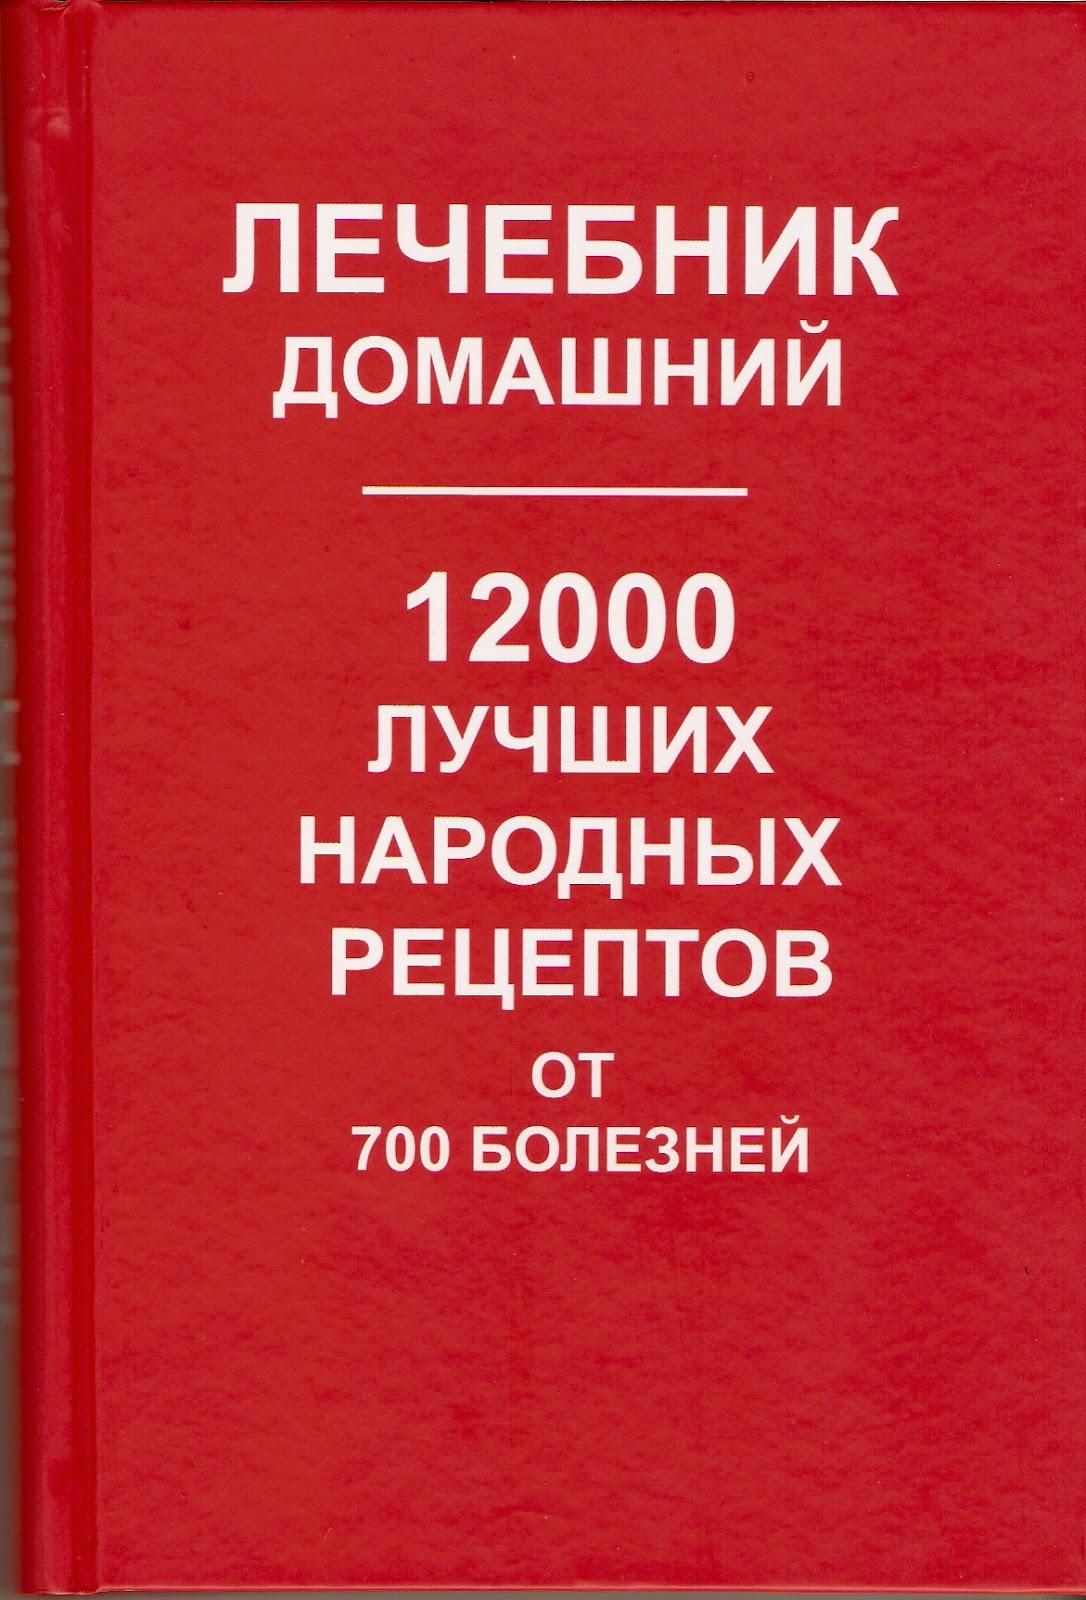 Lechebnik-n.ru народные средства от алкоголизма кодирование алкоголизма подшиванием